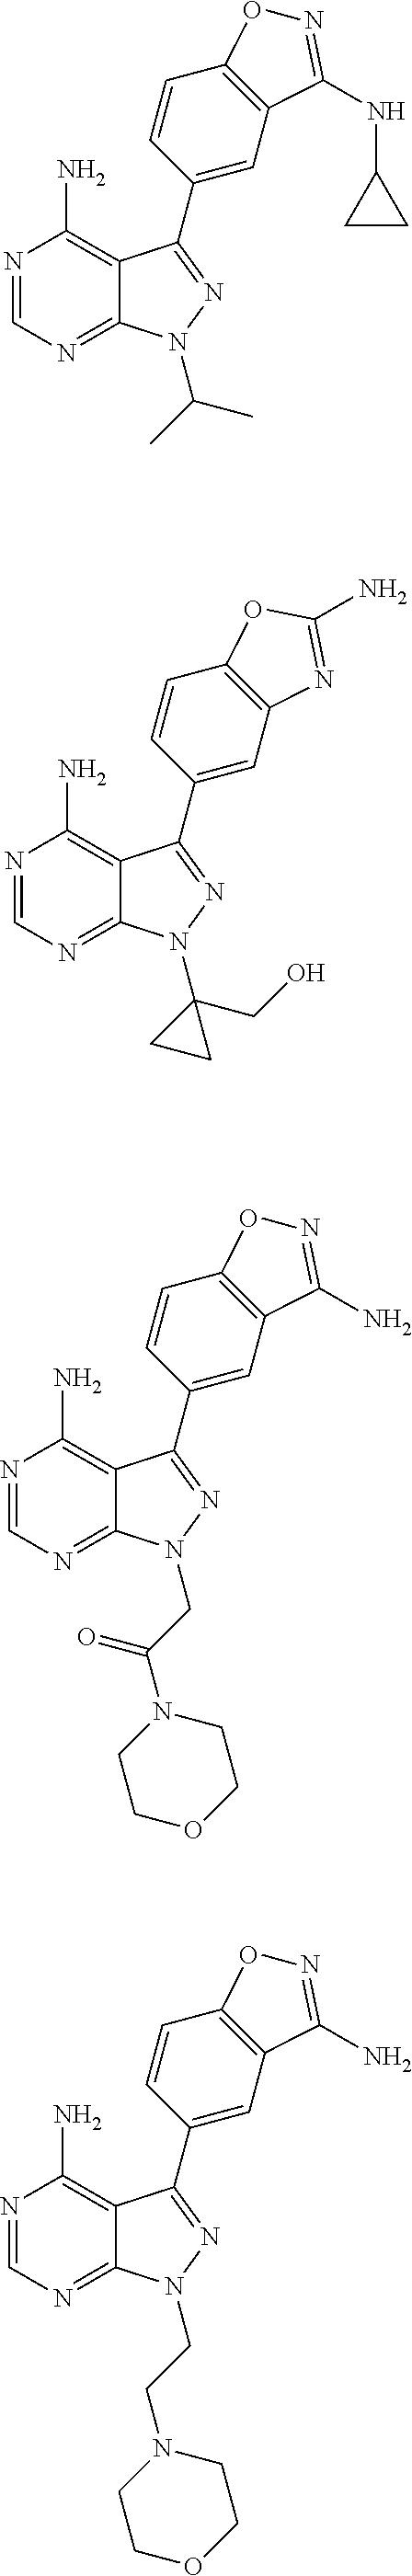 Figure US20160038497A1-20160211-C00358